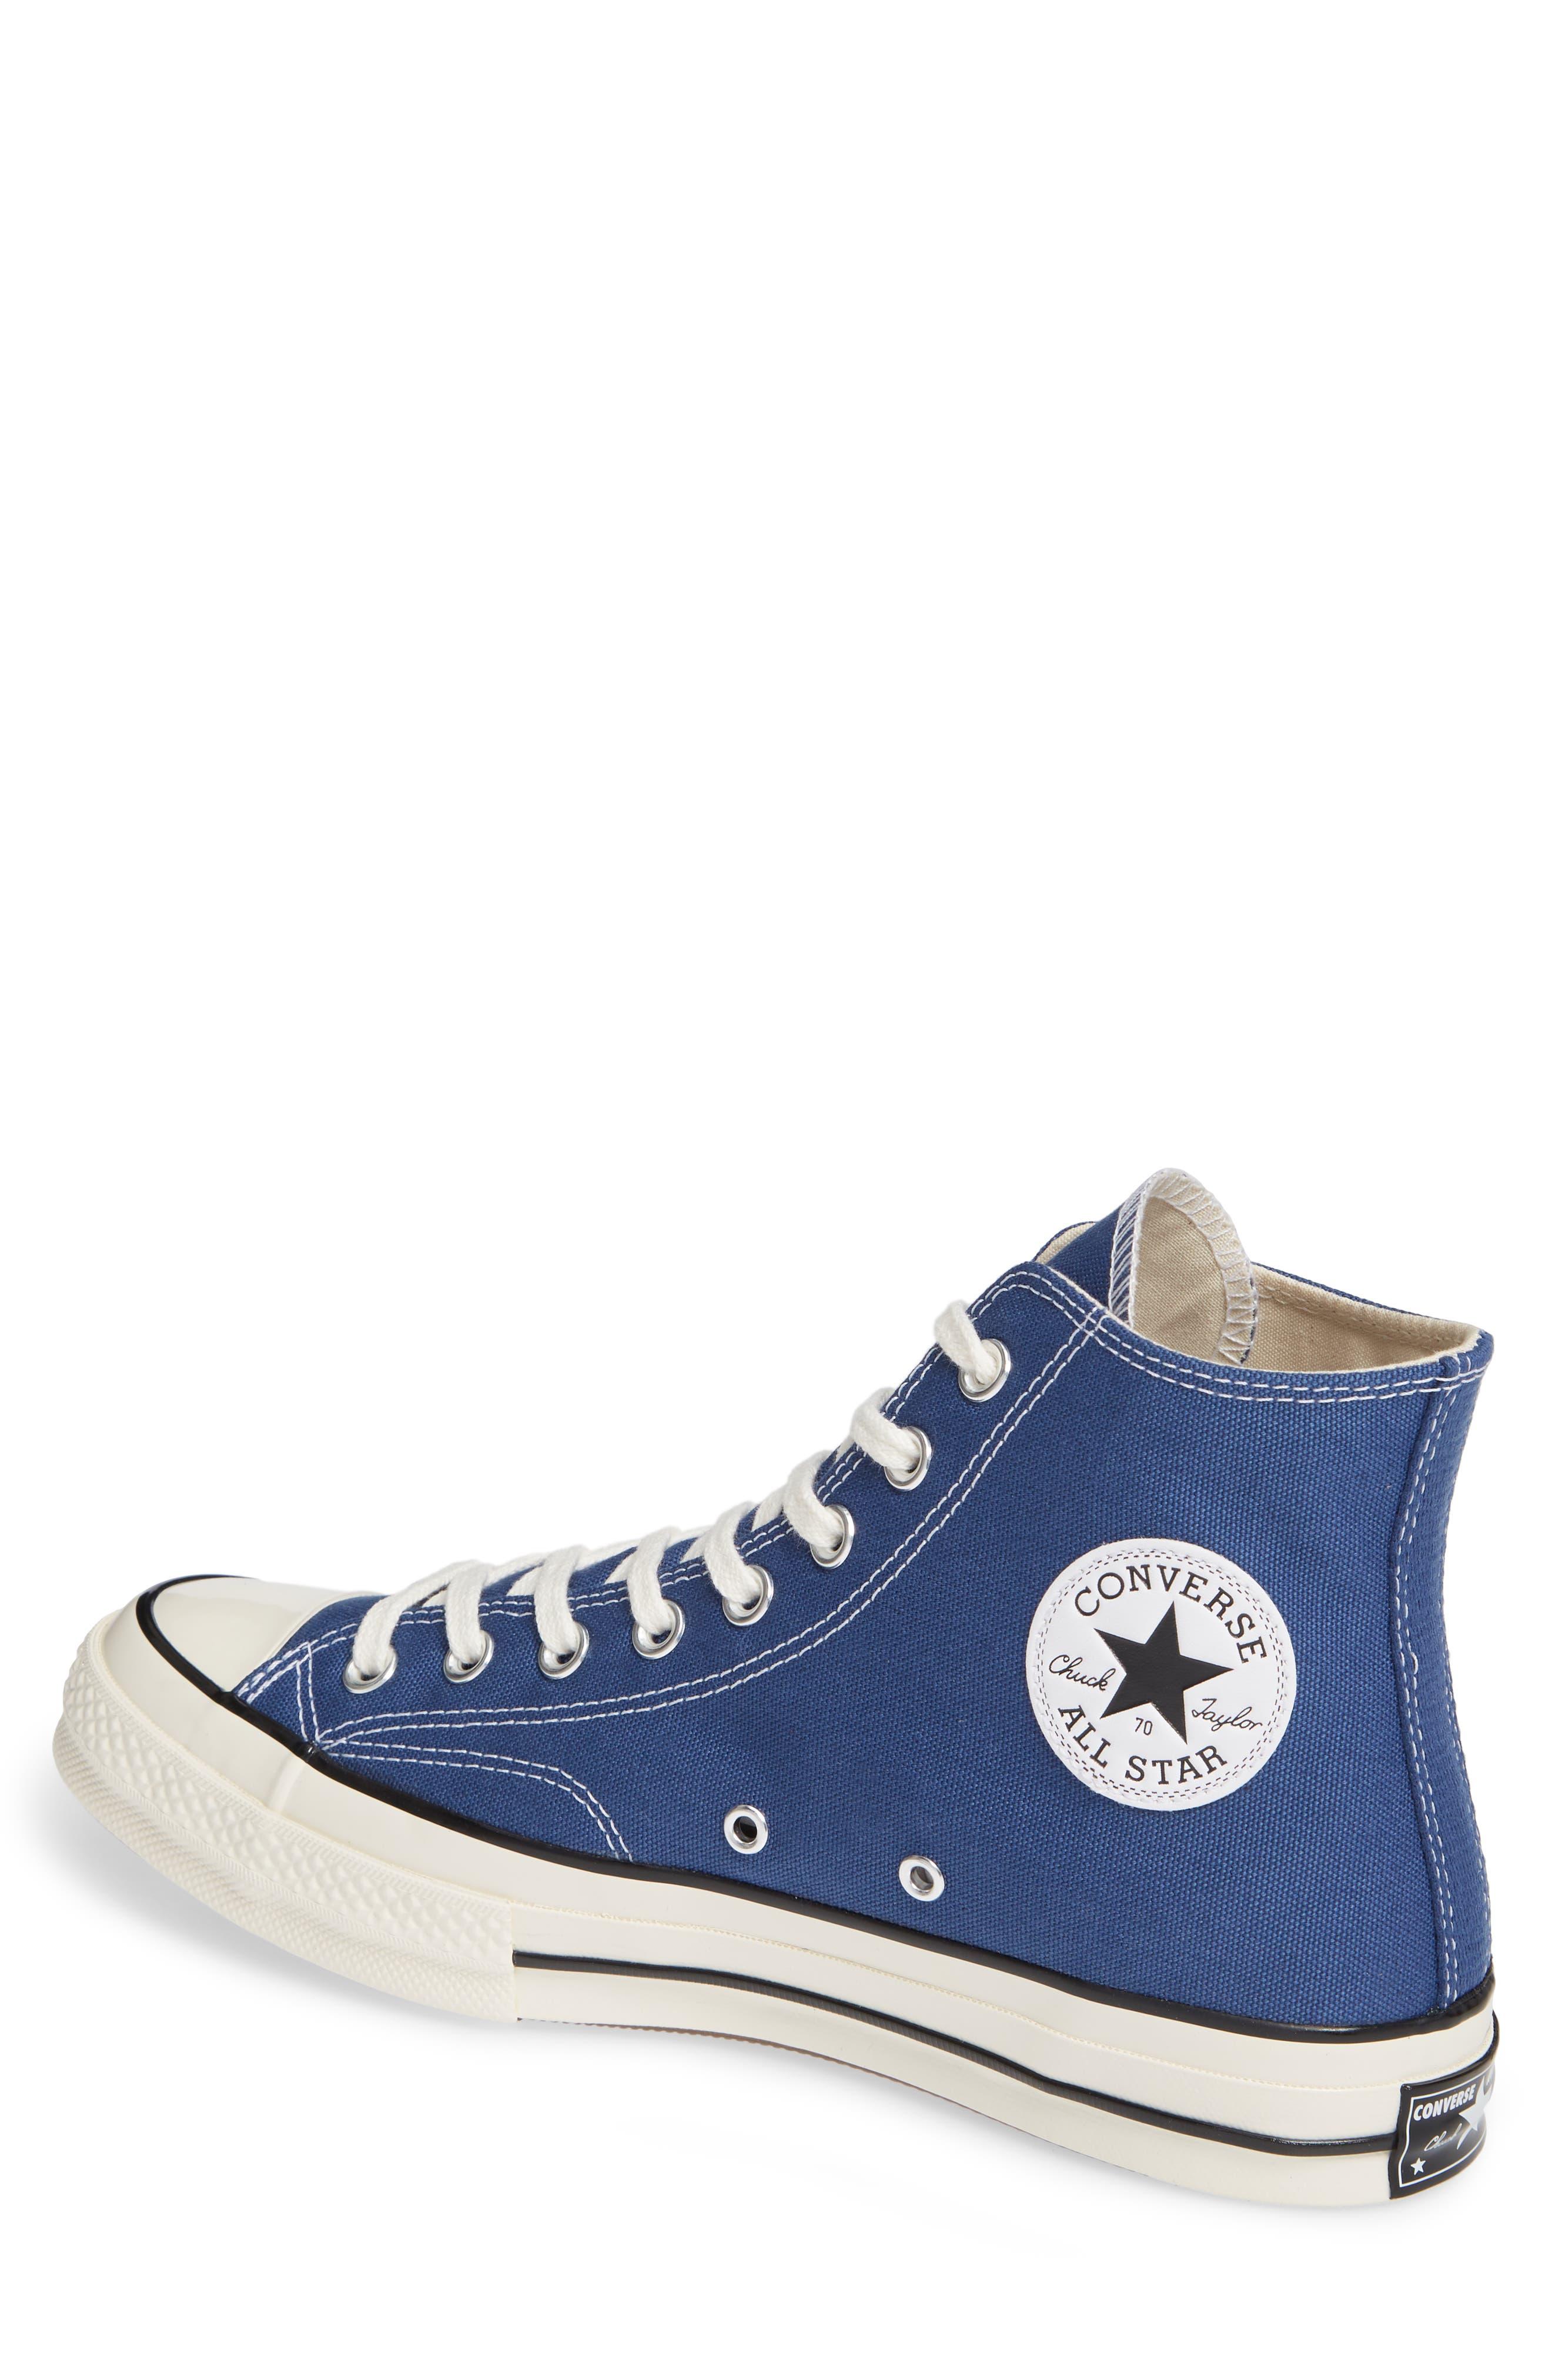 6dbdb09a0da536 Men s Converse Shoes